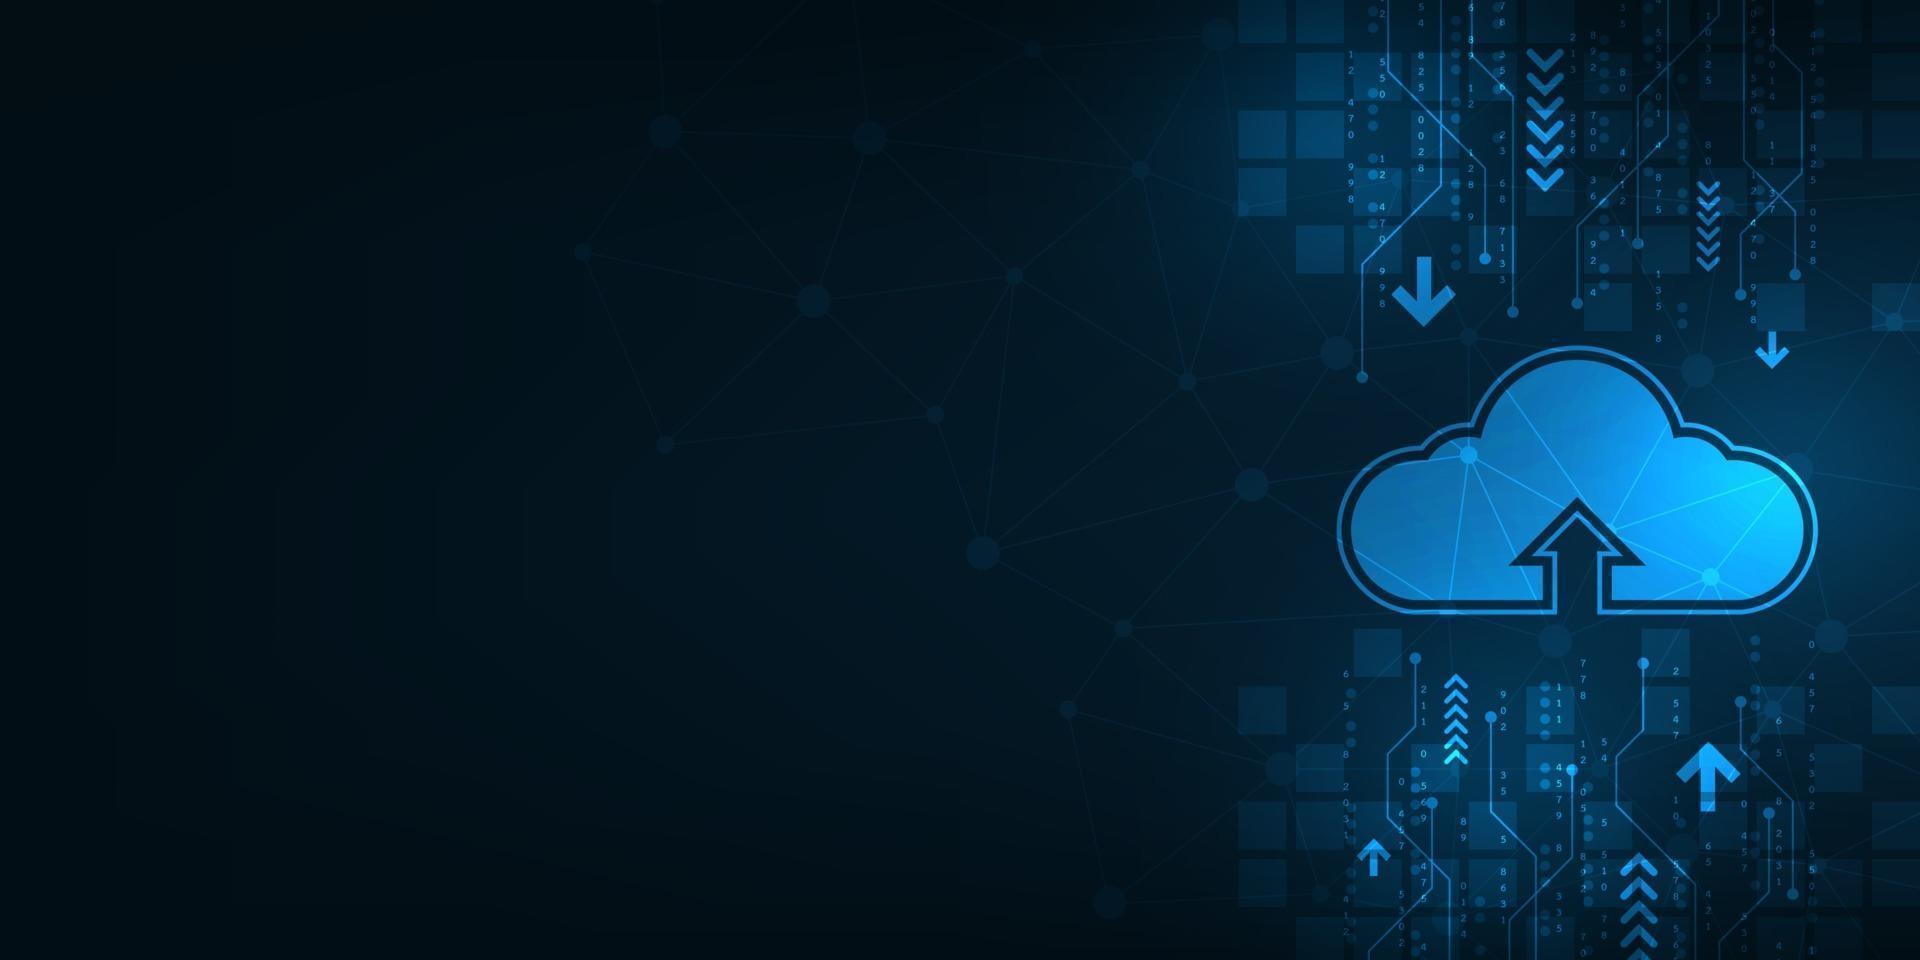 interface cloud qui montre le téléchargement de données sur Internet. vecteur